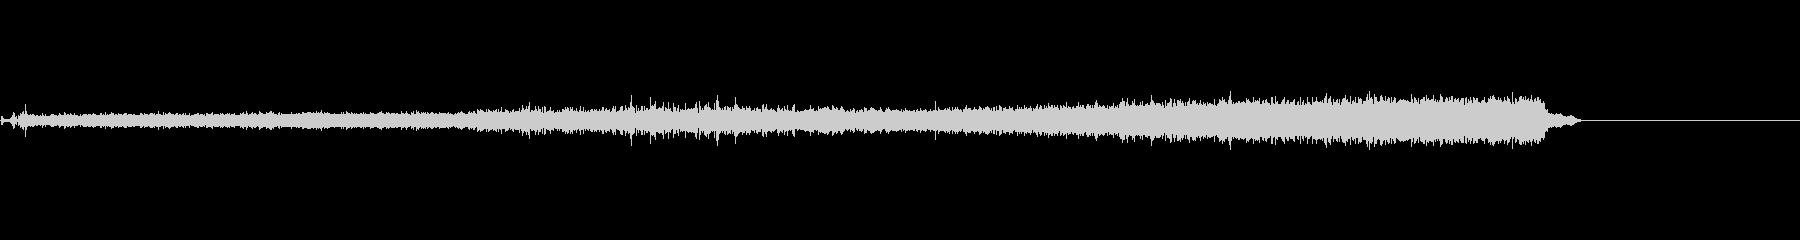 水をいれる音の未再生の波形